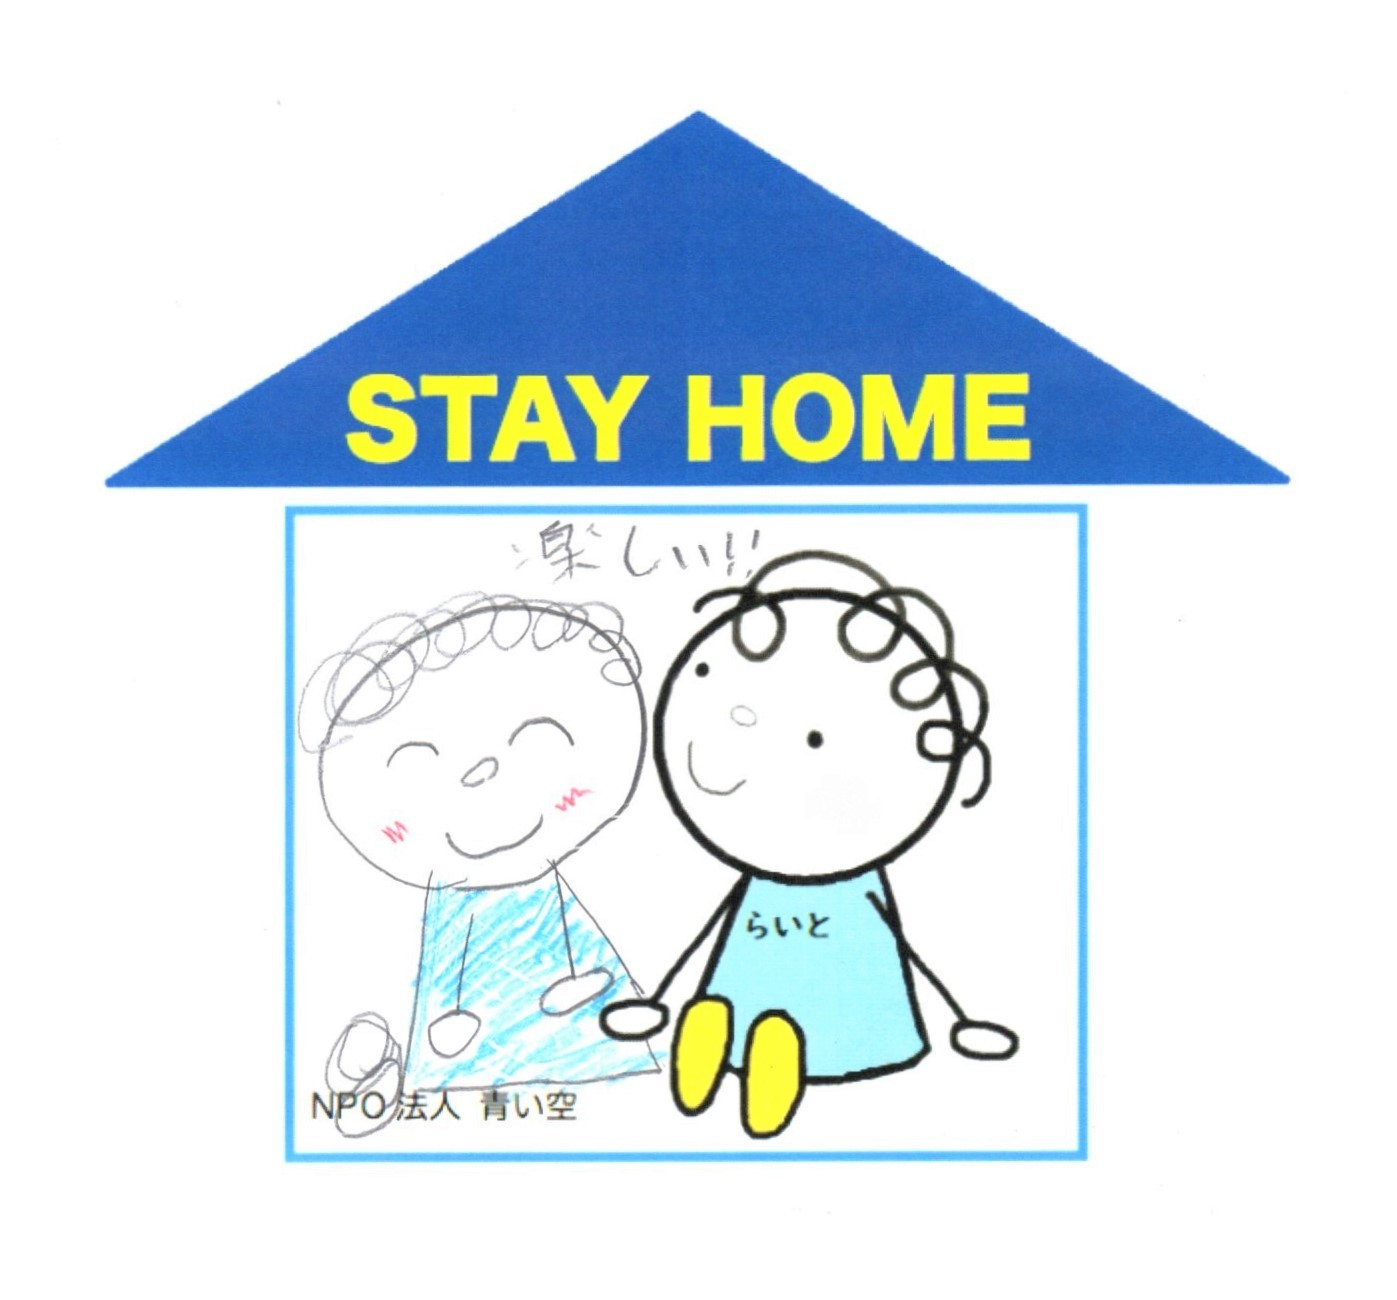 ライトちゃんは言いました。 「STAY HOME 楽しくお絵かきしてくれたら、うれしいな!」_d0204305_23574362.jpg